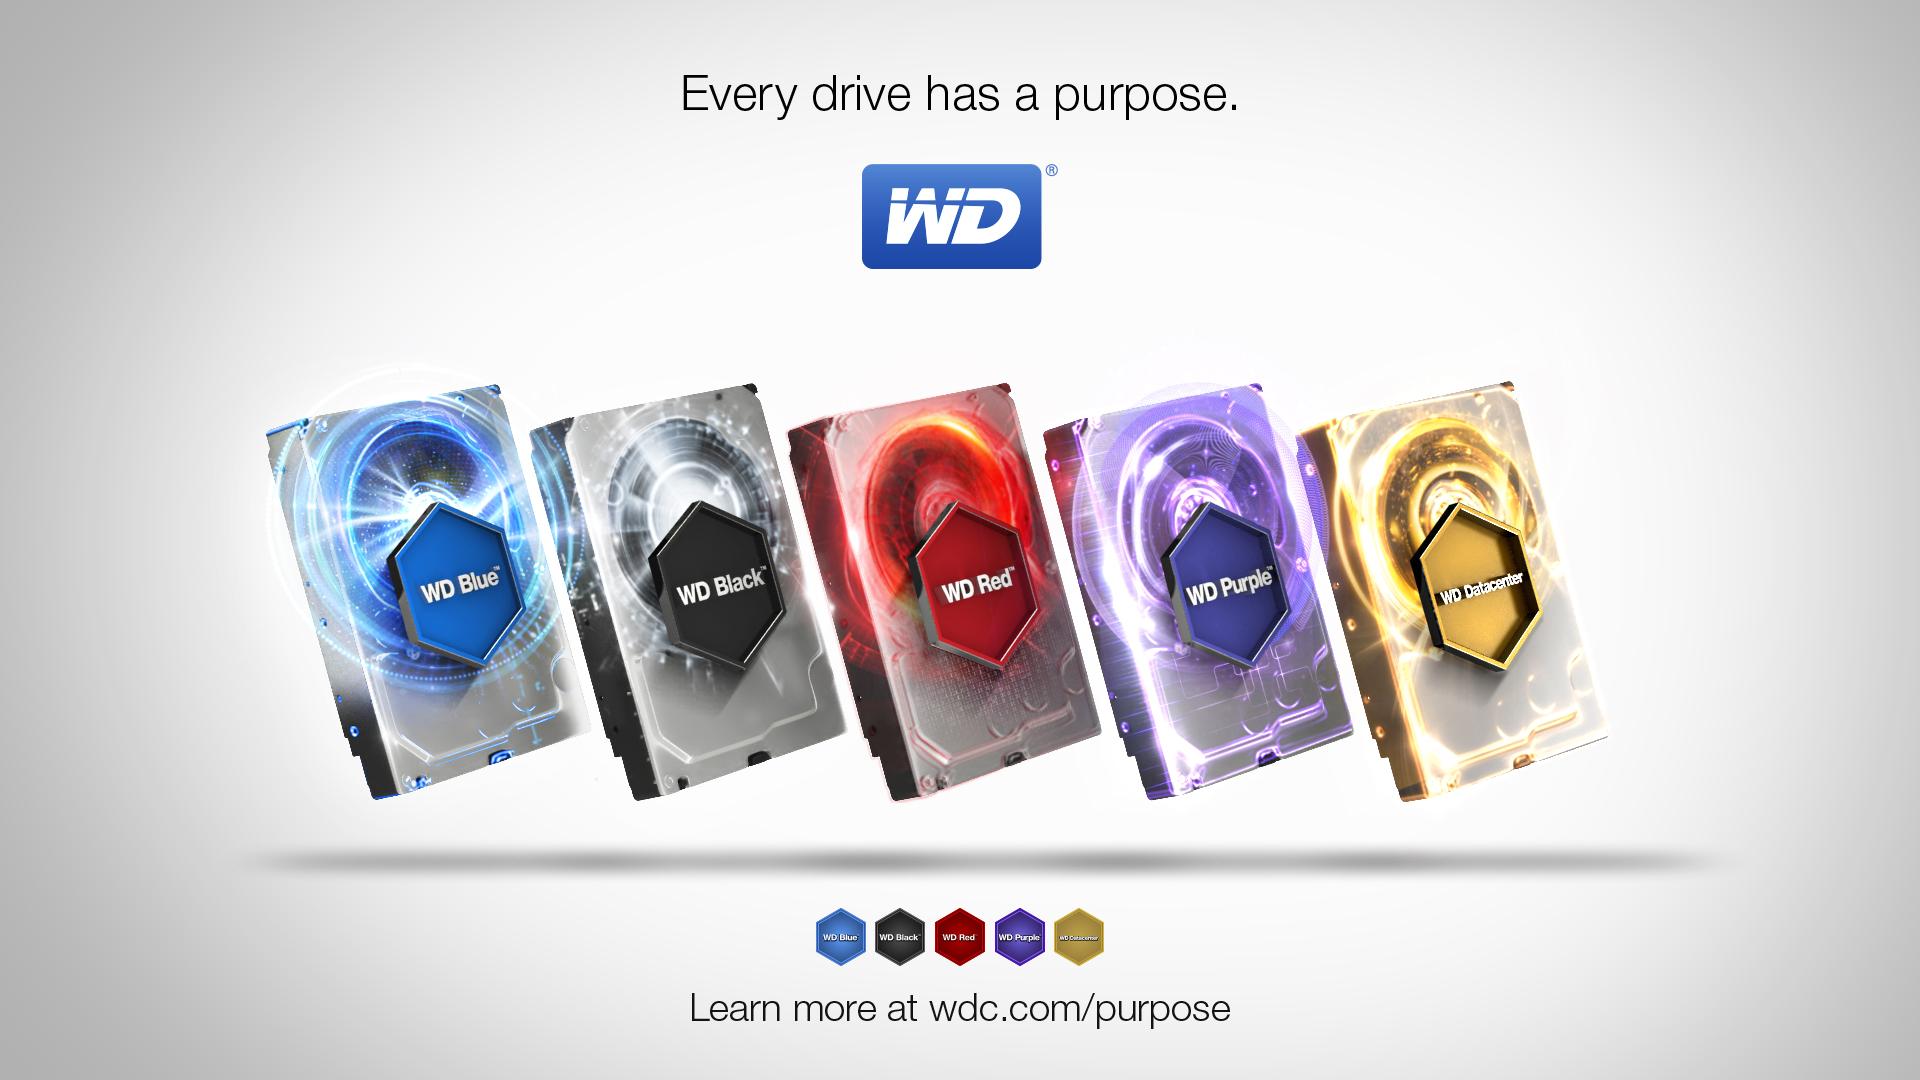 Imagenes HD Western Digital.jpg